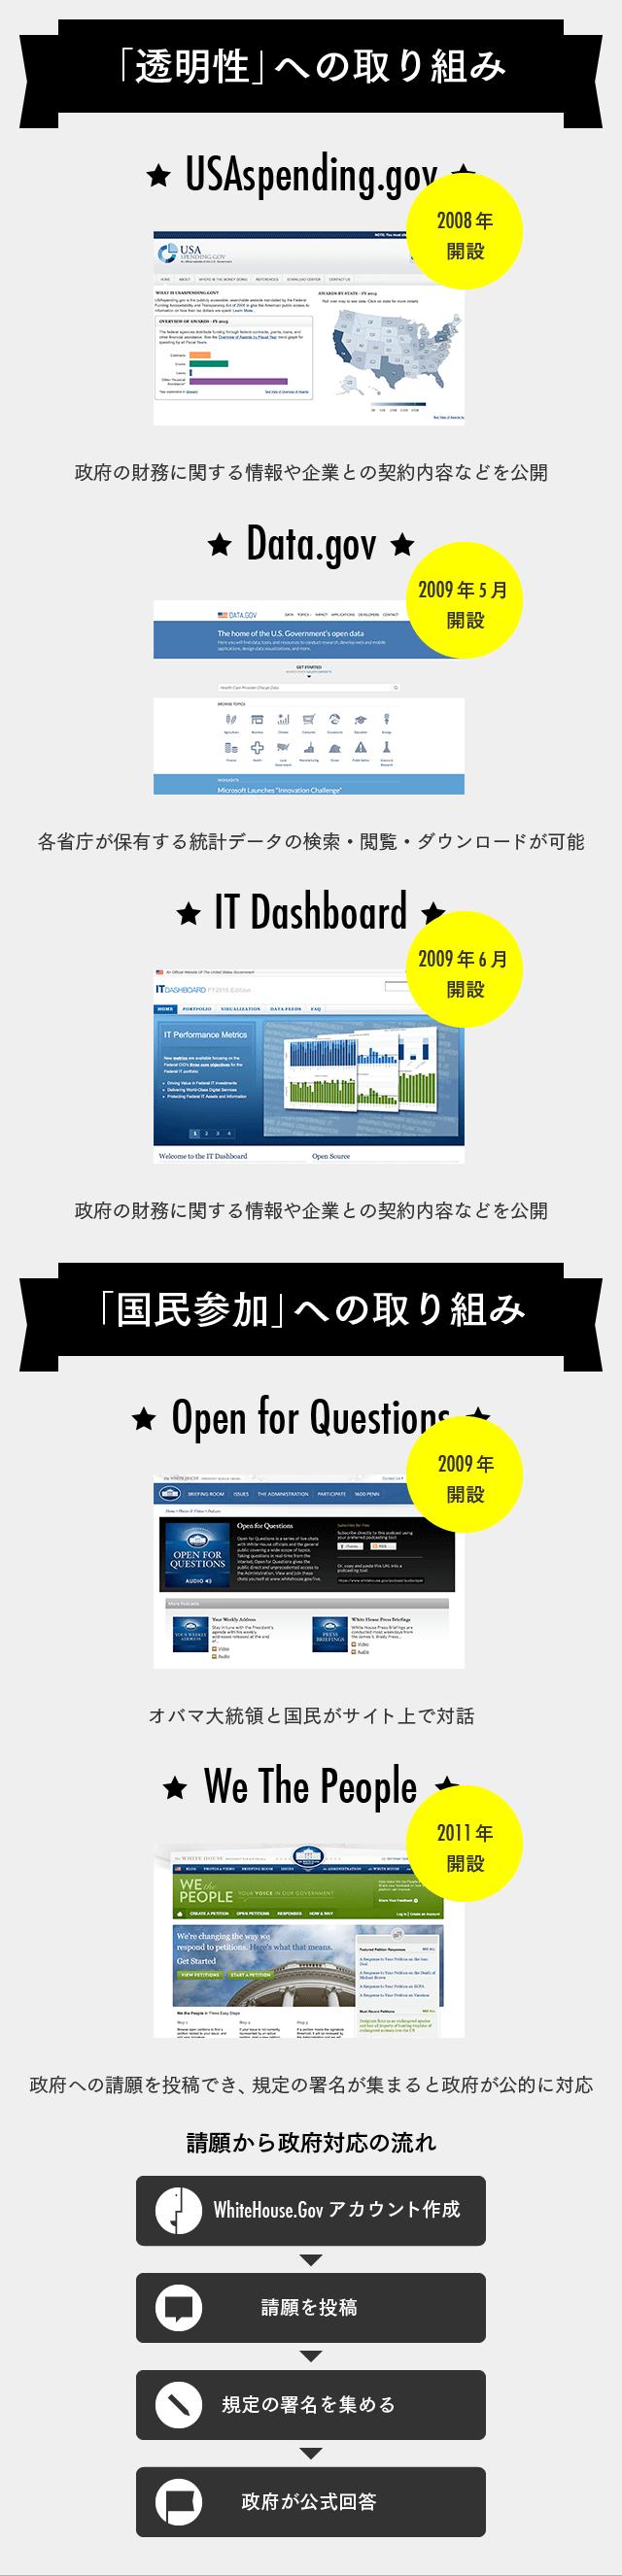 【マスター】はじめてのオープンガバメント_20150828-03